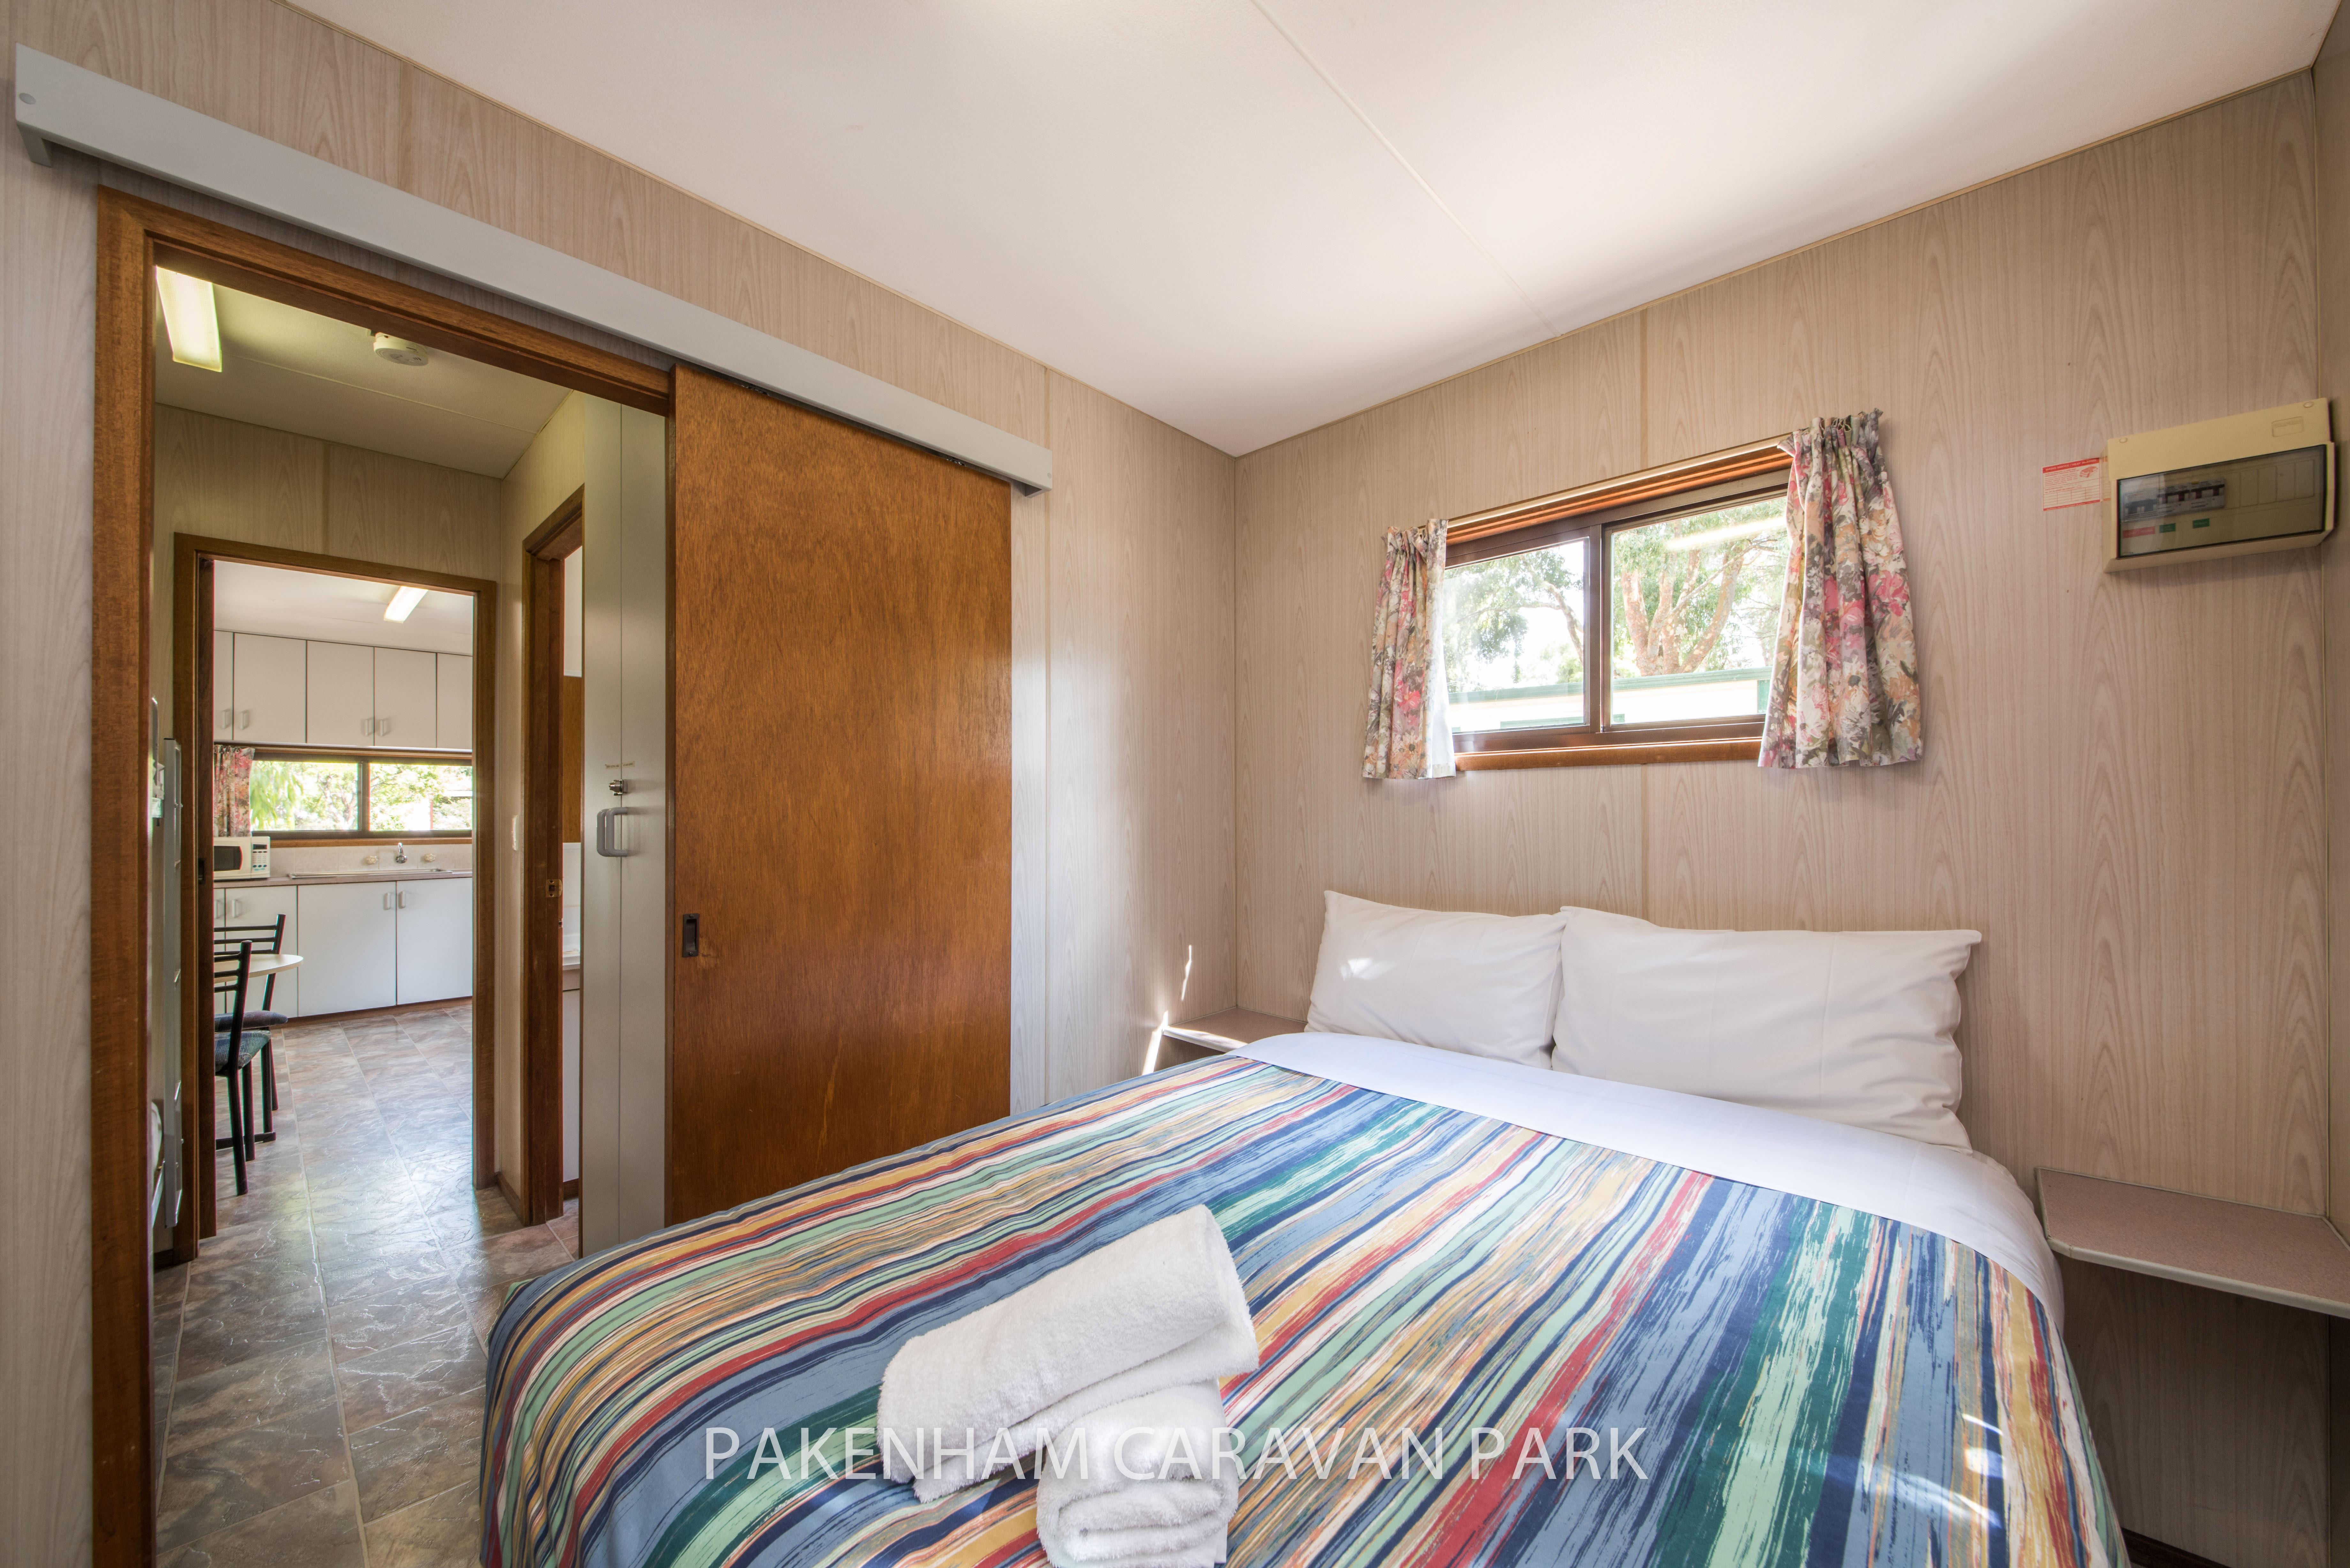 standard cabin bedroom